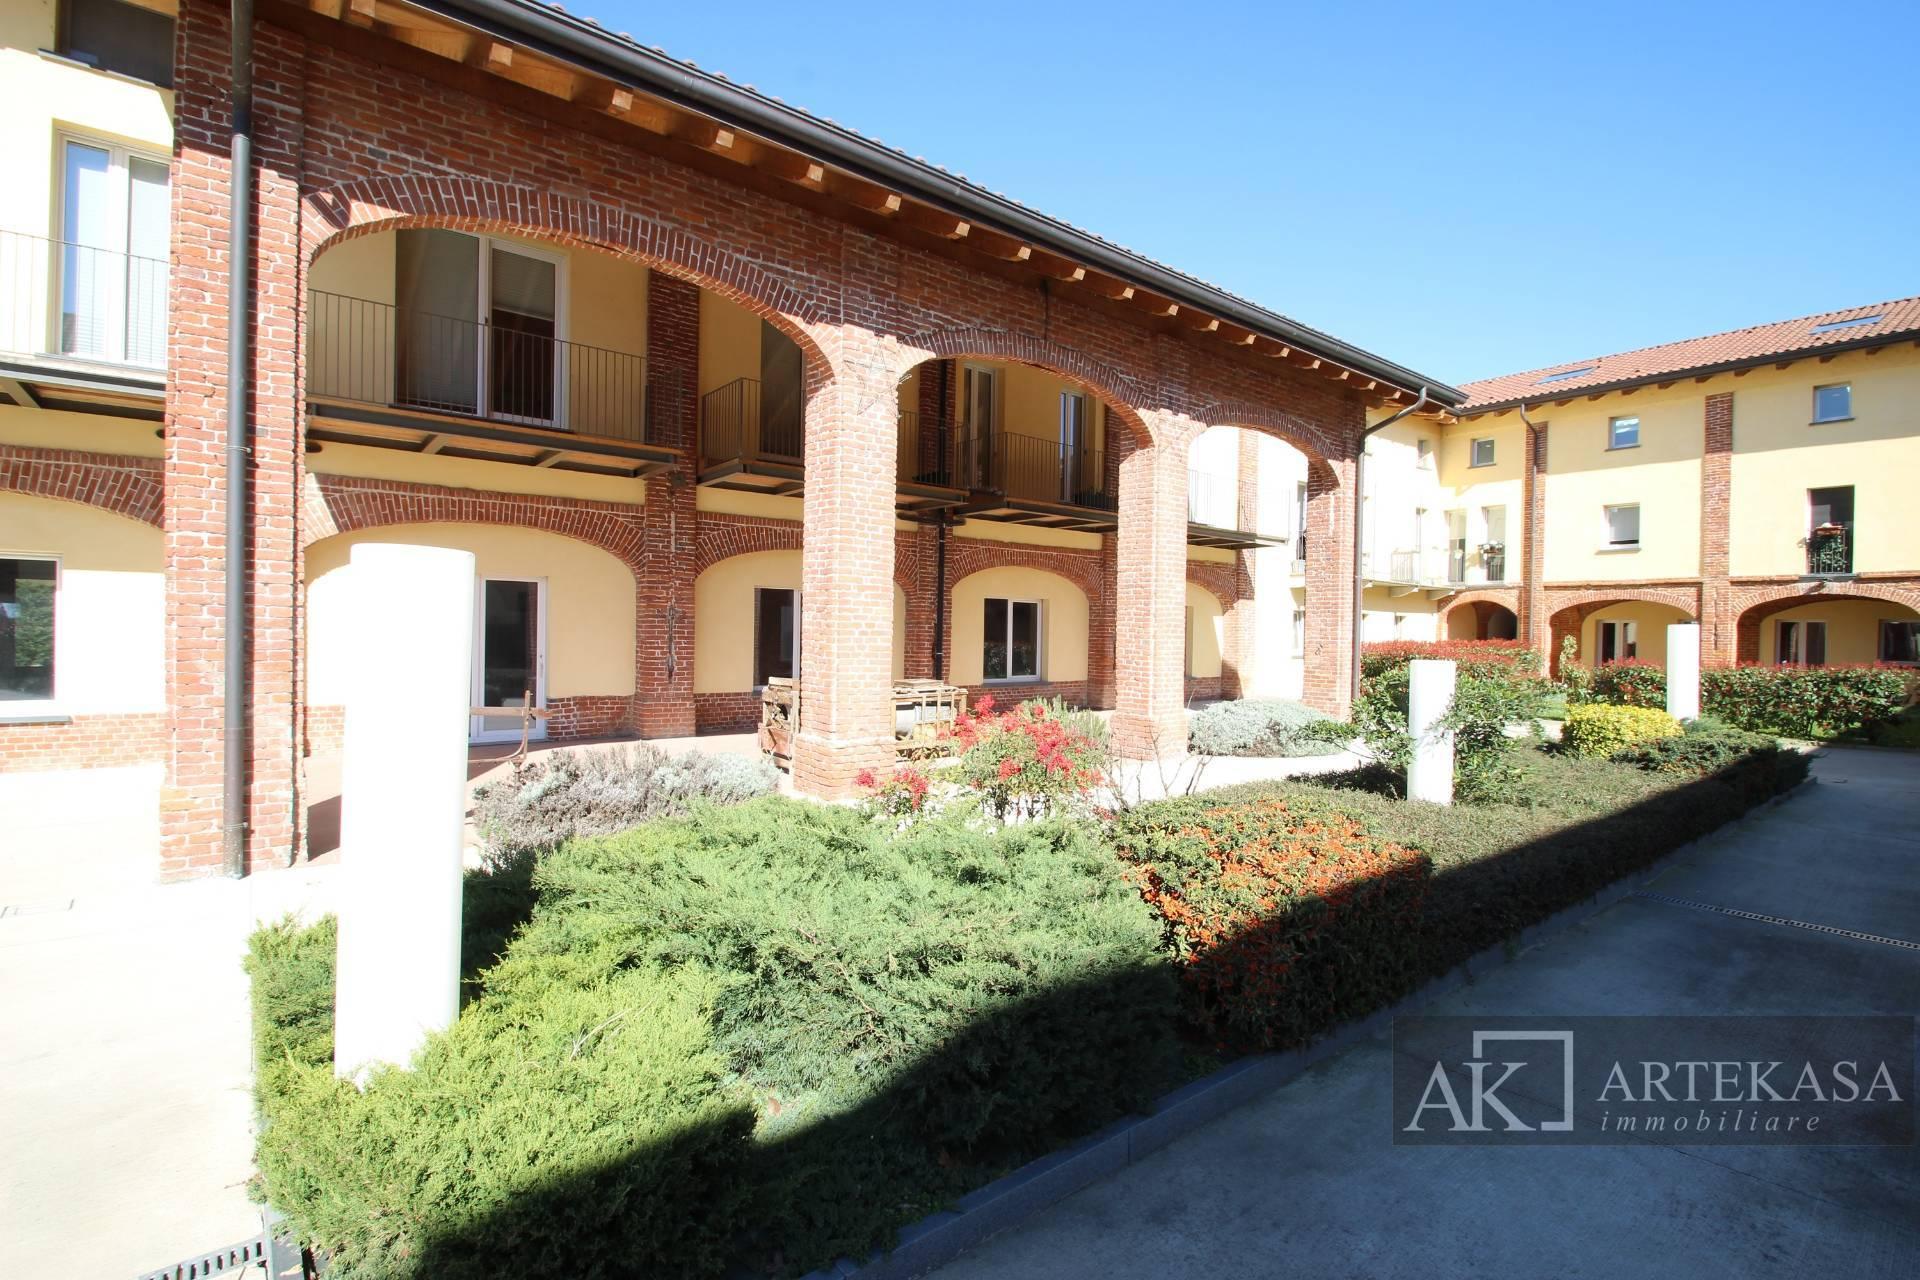 Bilocale Novara - Cittadella - Villaggio Dalmazia - Torrion Quartara